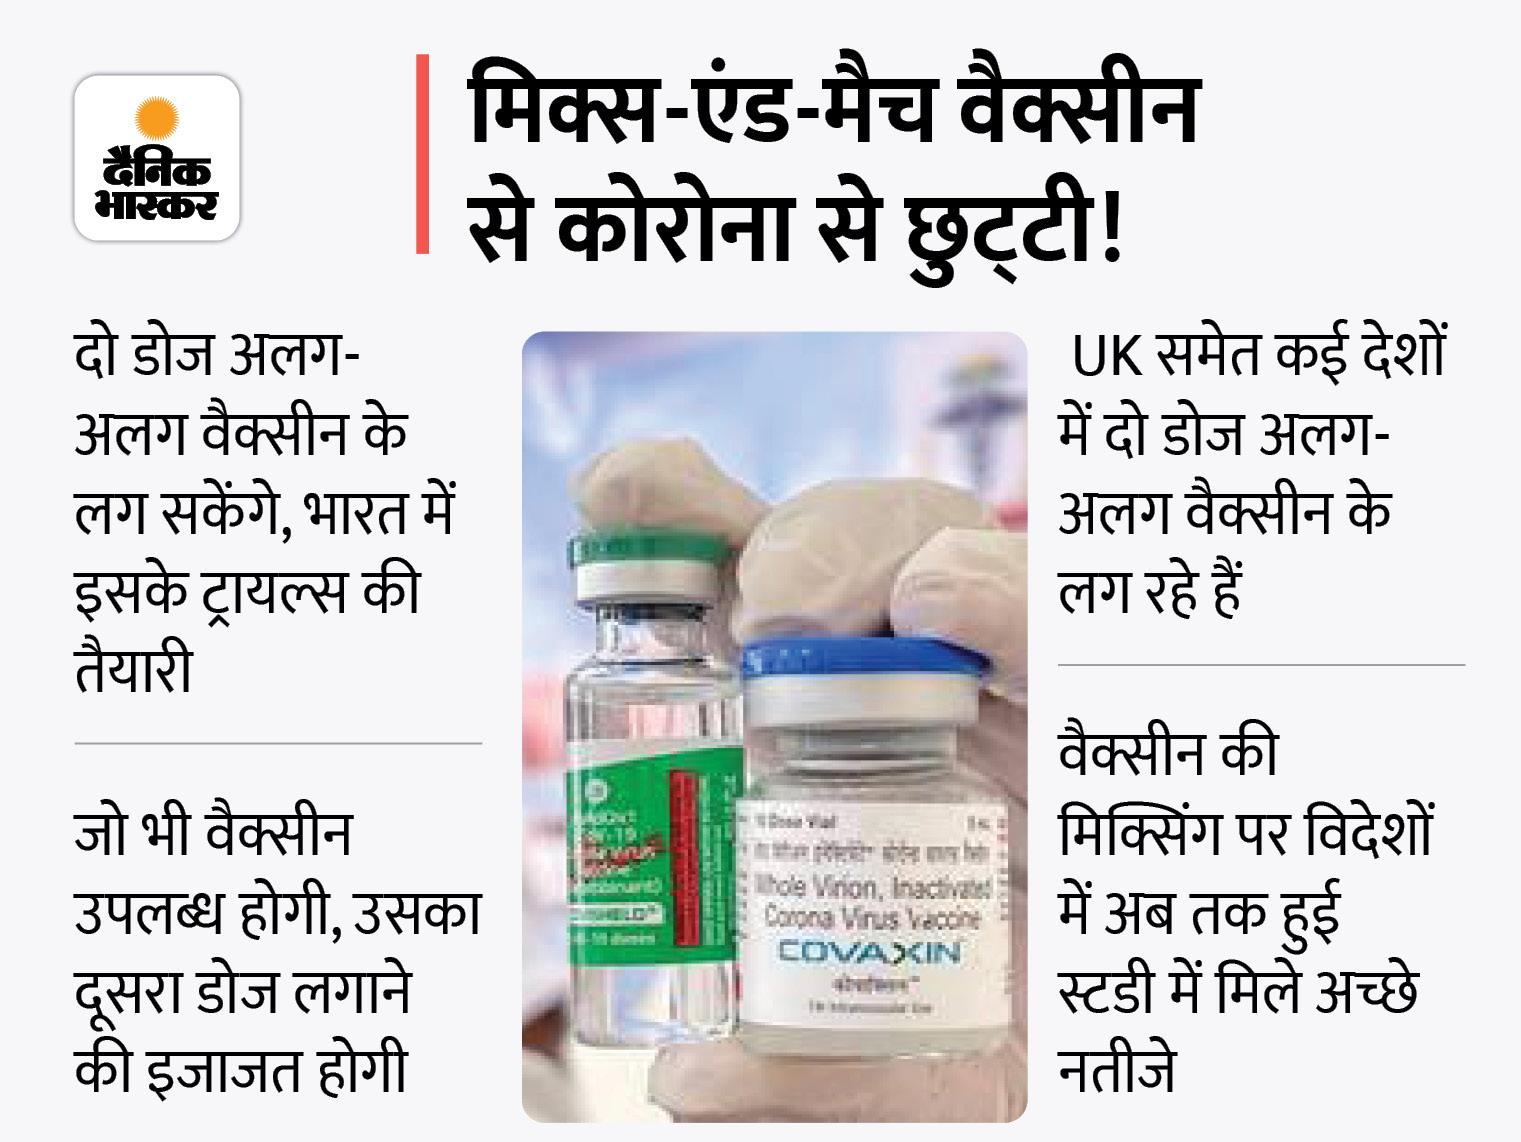 कोवैक्सिन और कोवीशील्ड के डोज की होगी मिक्सिंग, एक्सपर्ट पैनल ने ट्रायल को मंजूरी देने की सिफारिश की|देश,National - Dainik Bhaskar